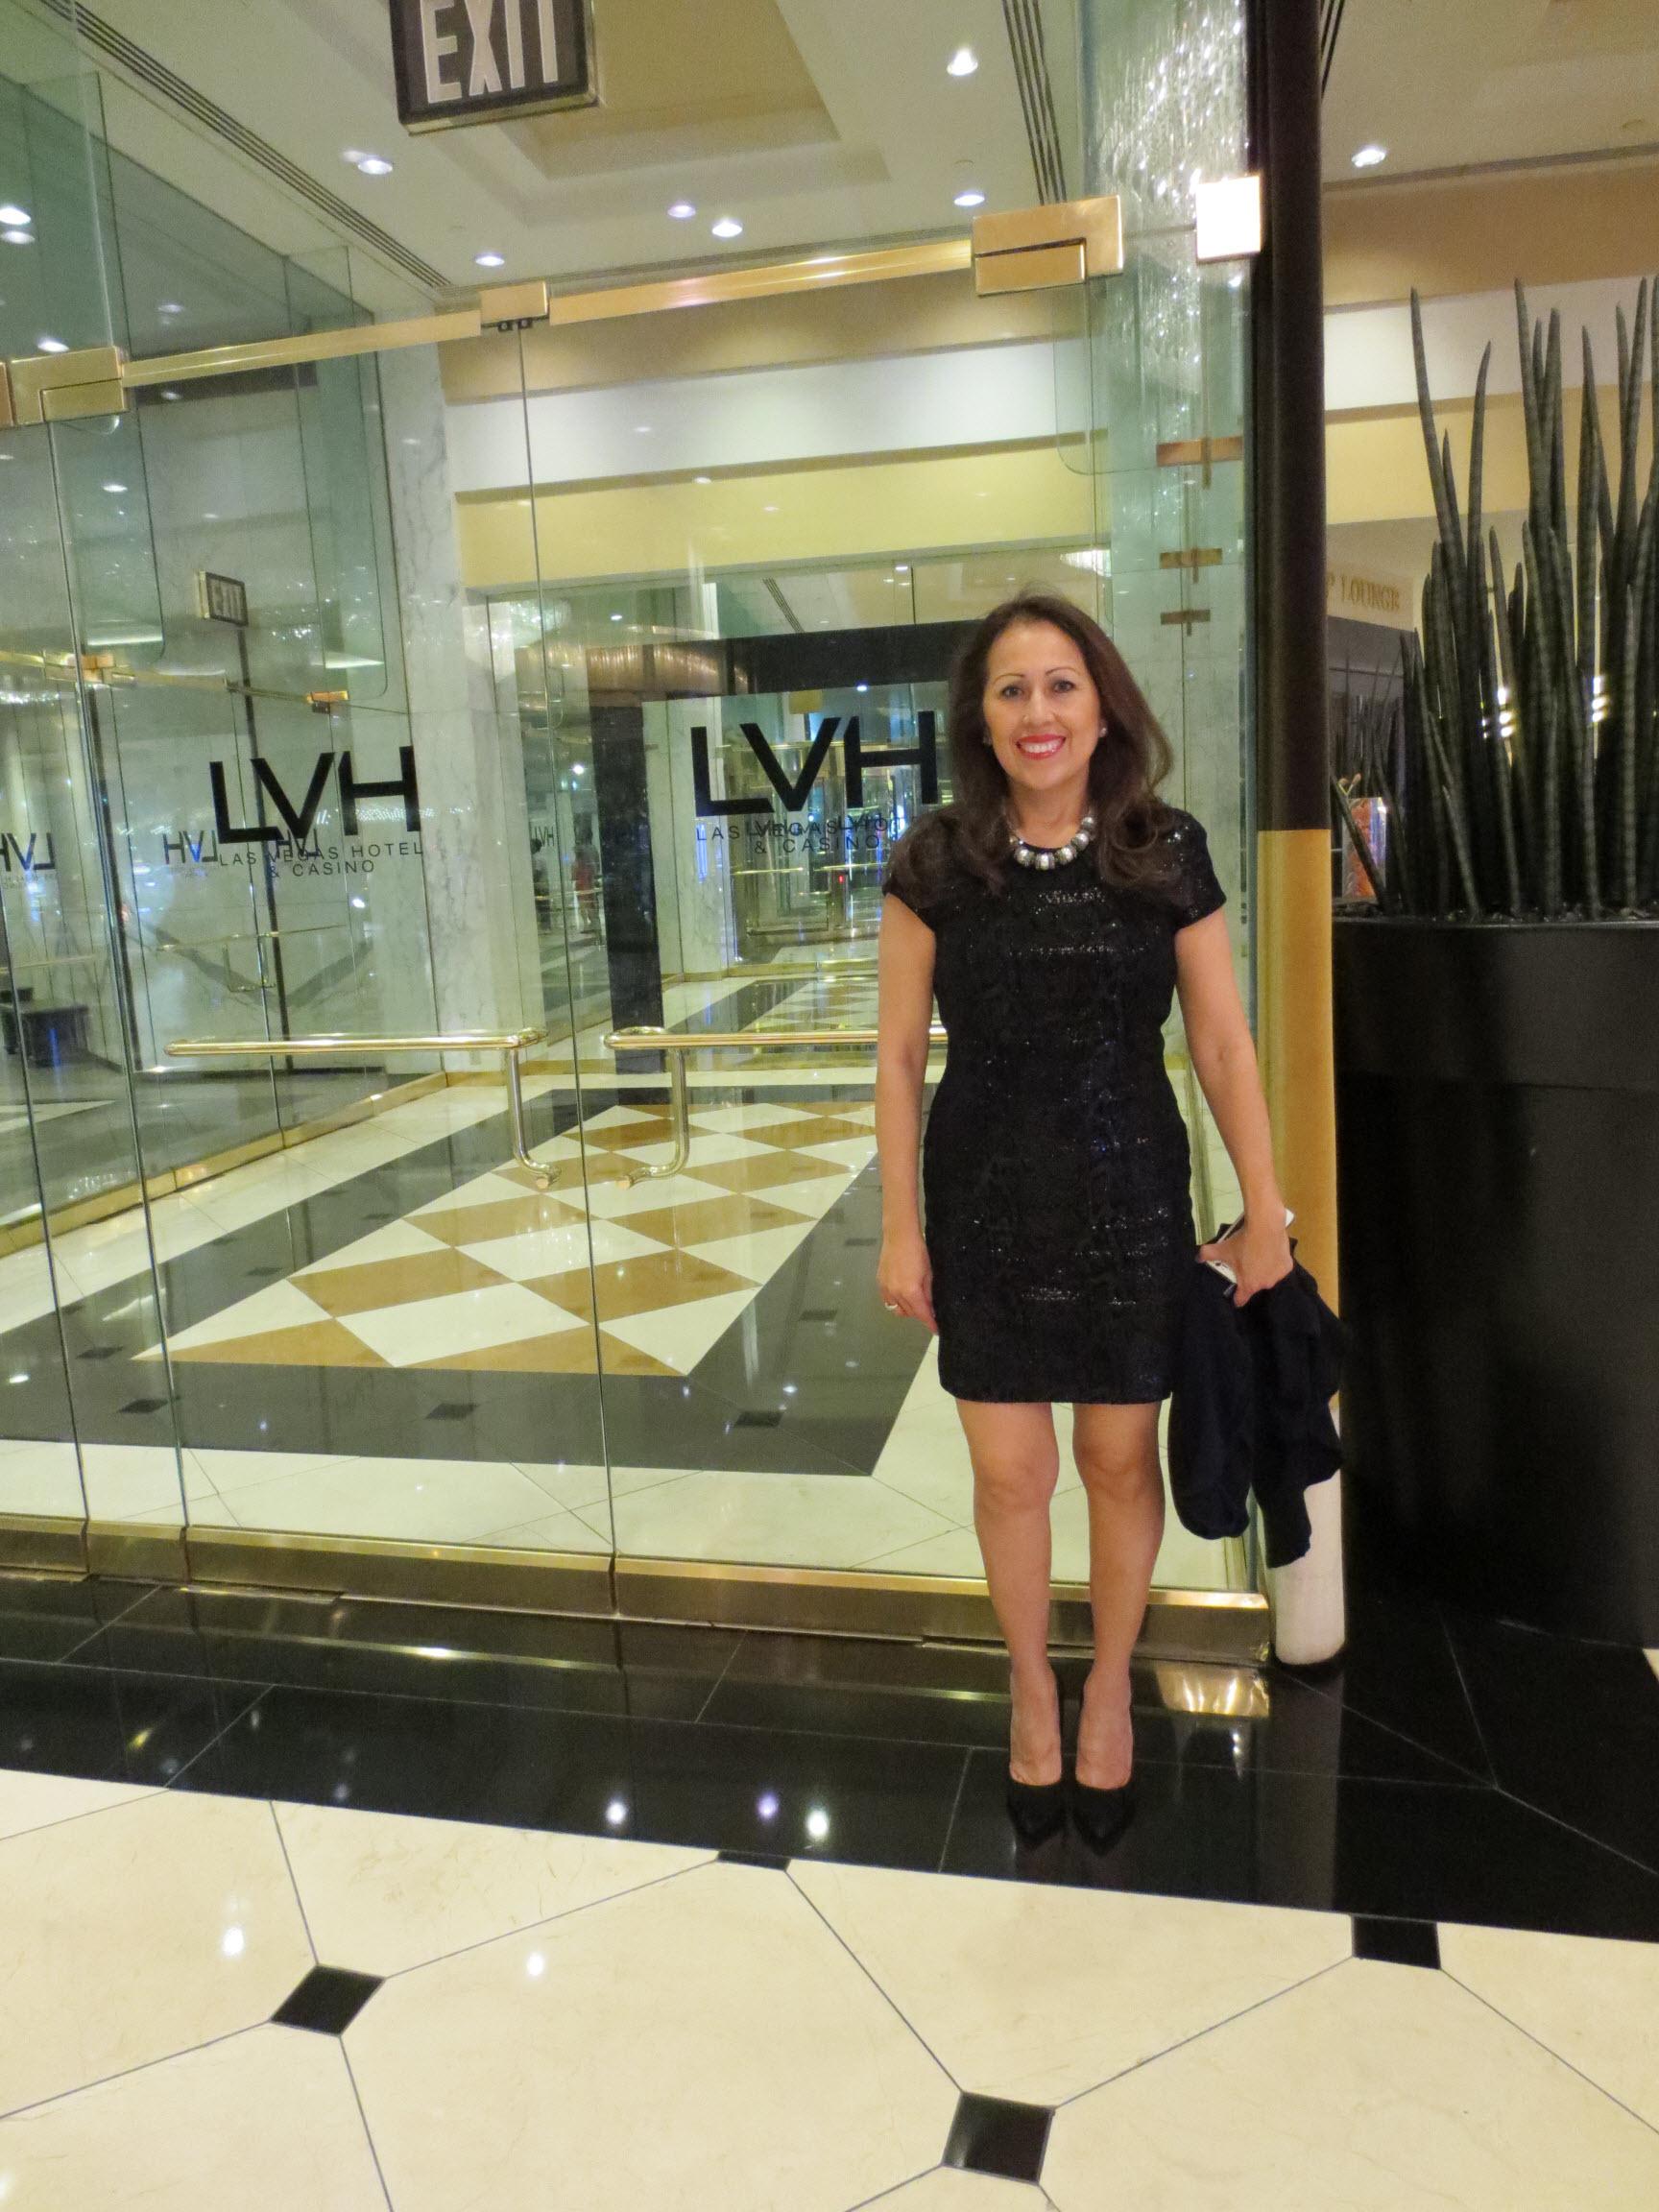 Carmen Barr Supermodel LVH